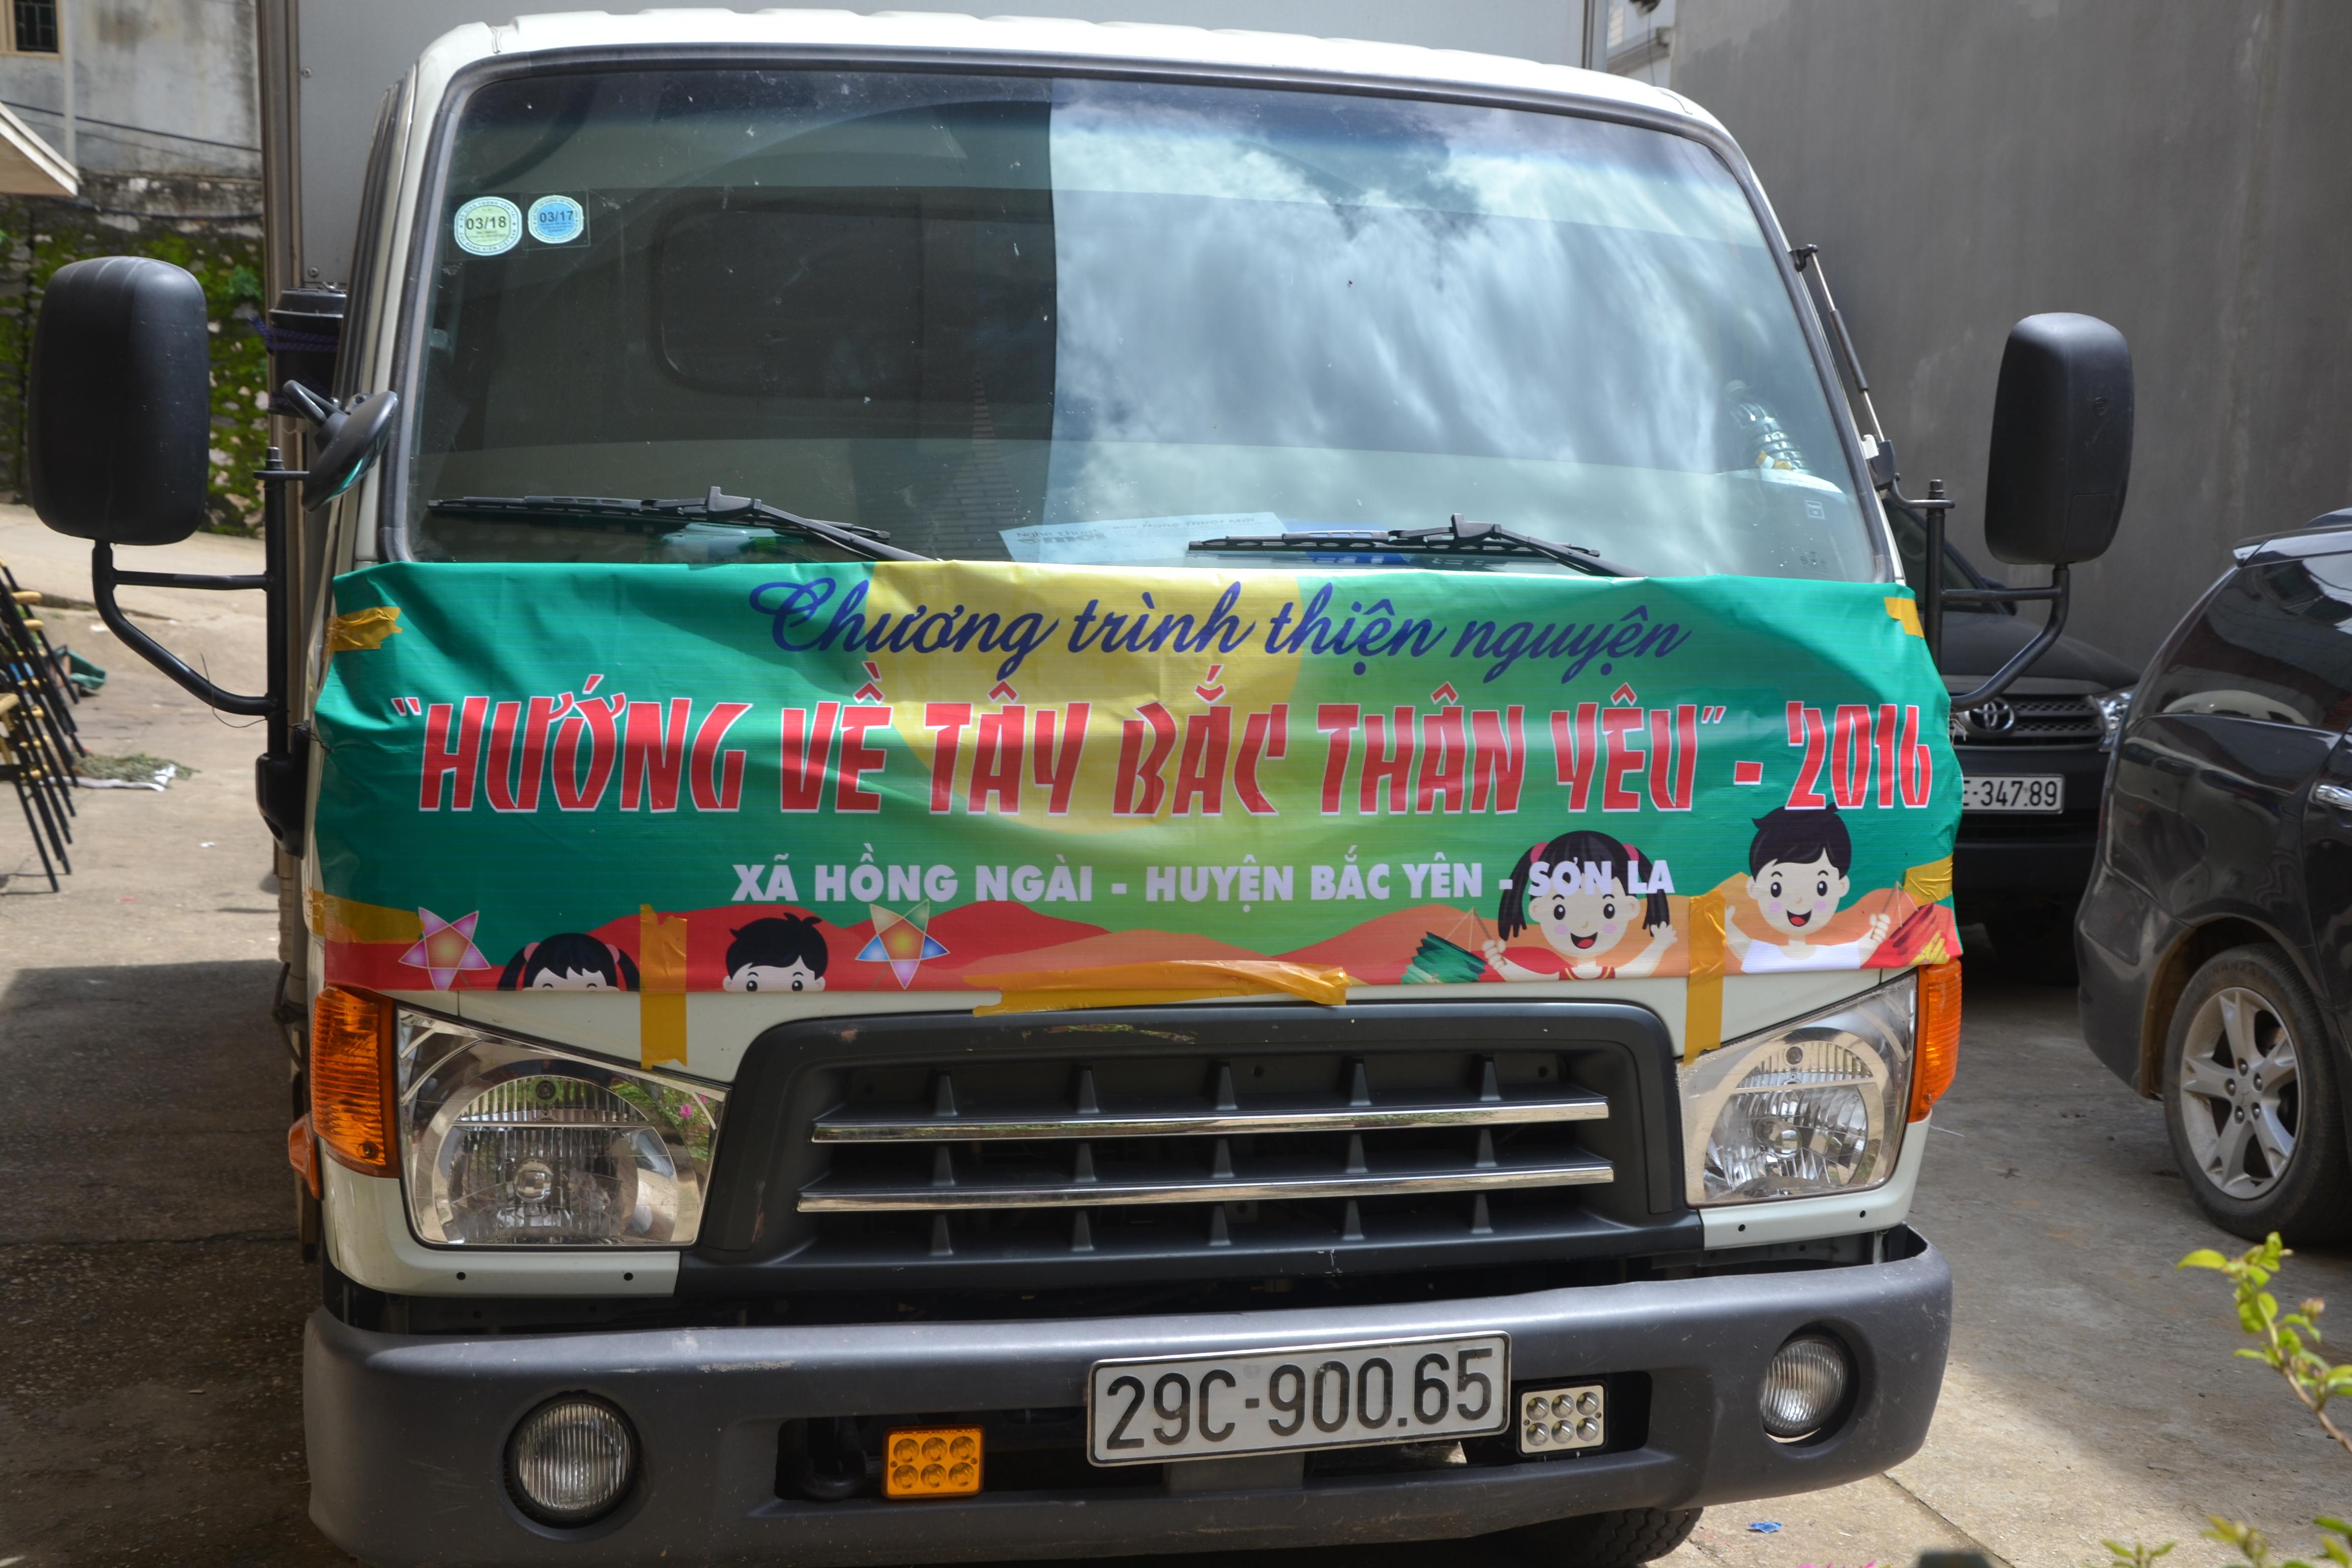 Trung thu tại huyện Bắc Yên - Sơn La